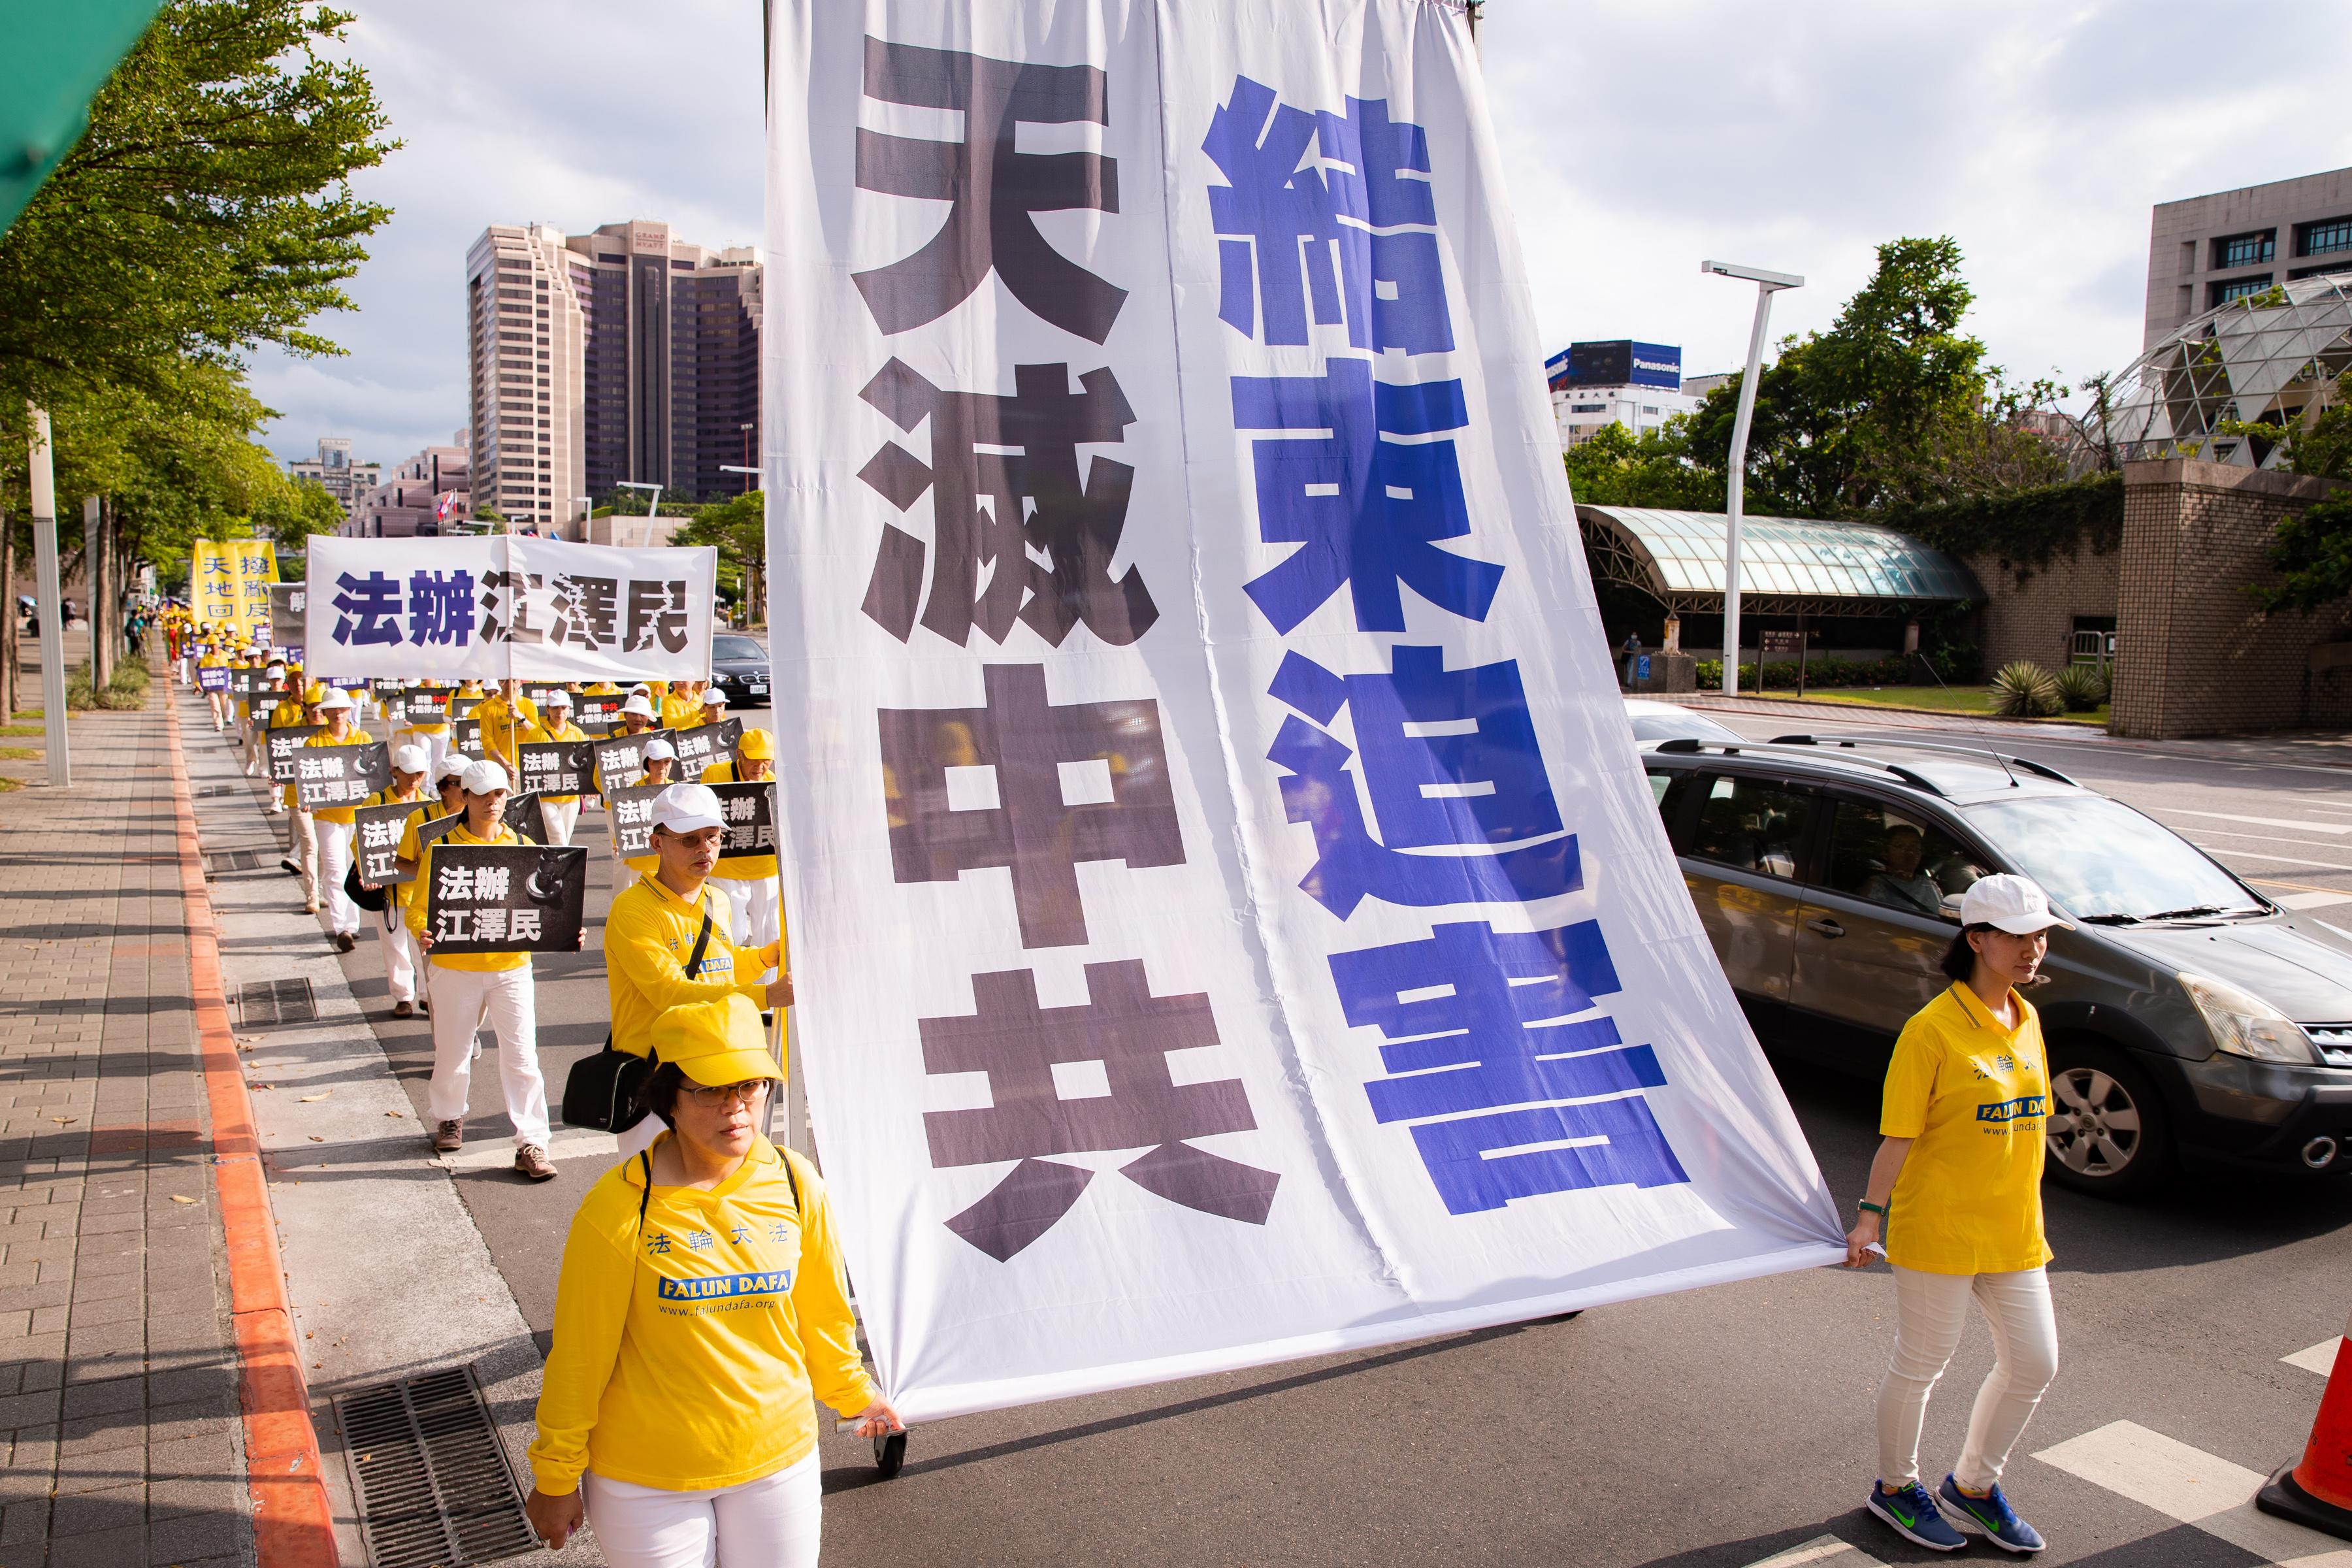 法輪功反迫害台北遊行:天滅中共 結束迫害